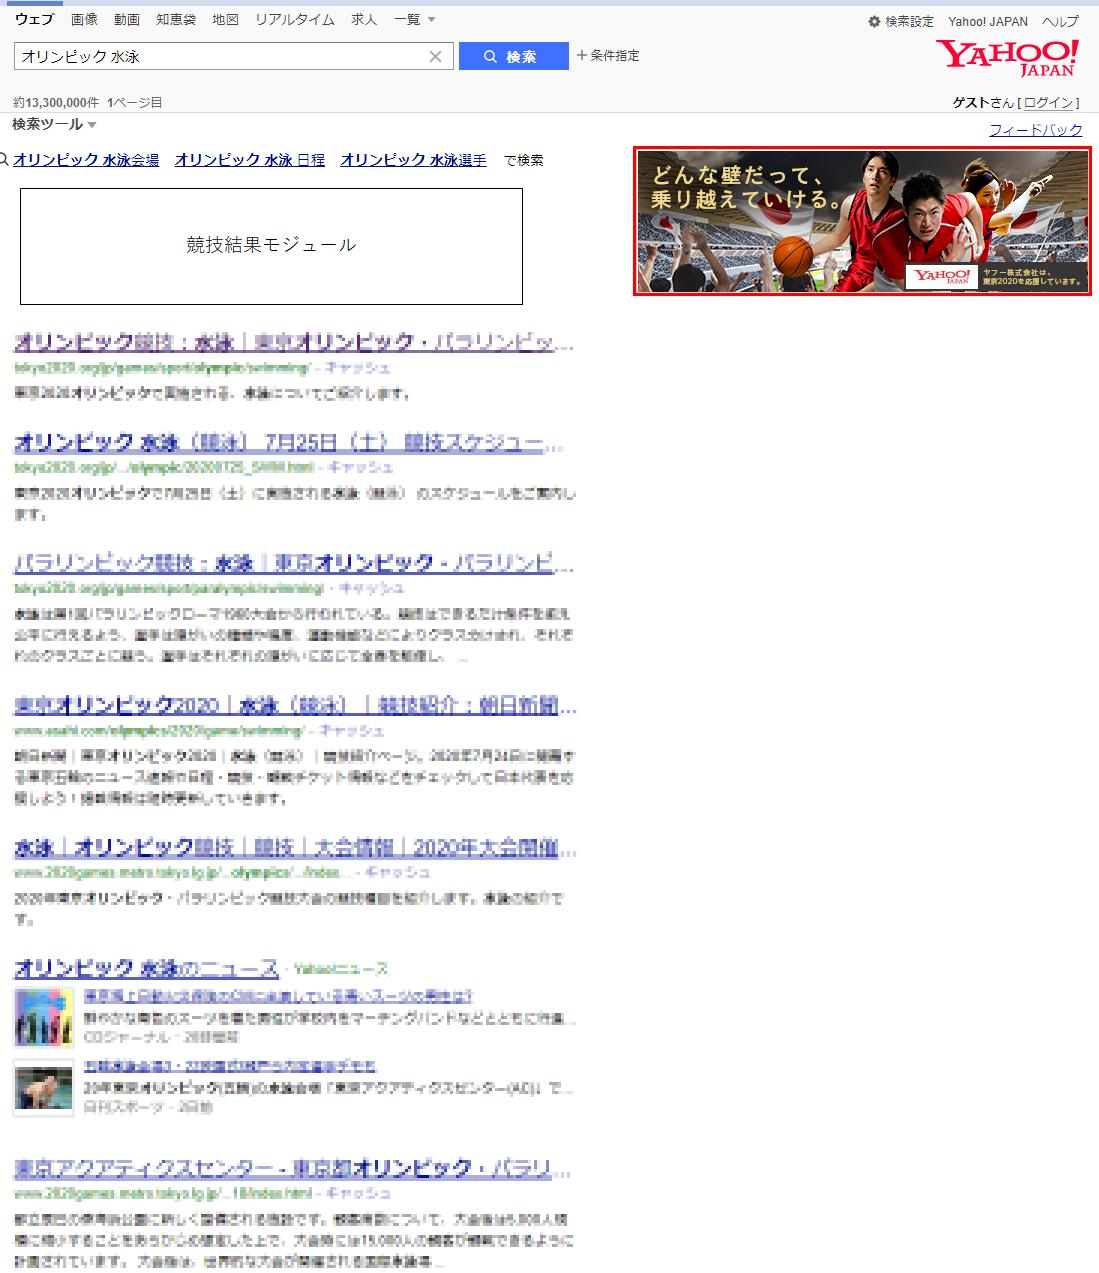 検索連動型広告(PC)